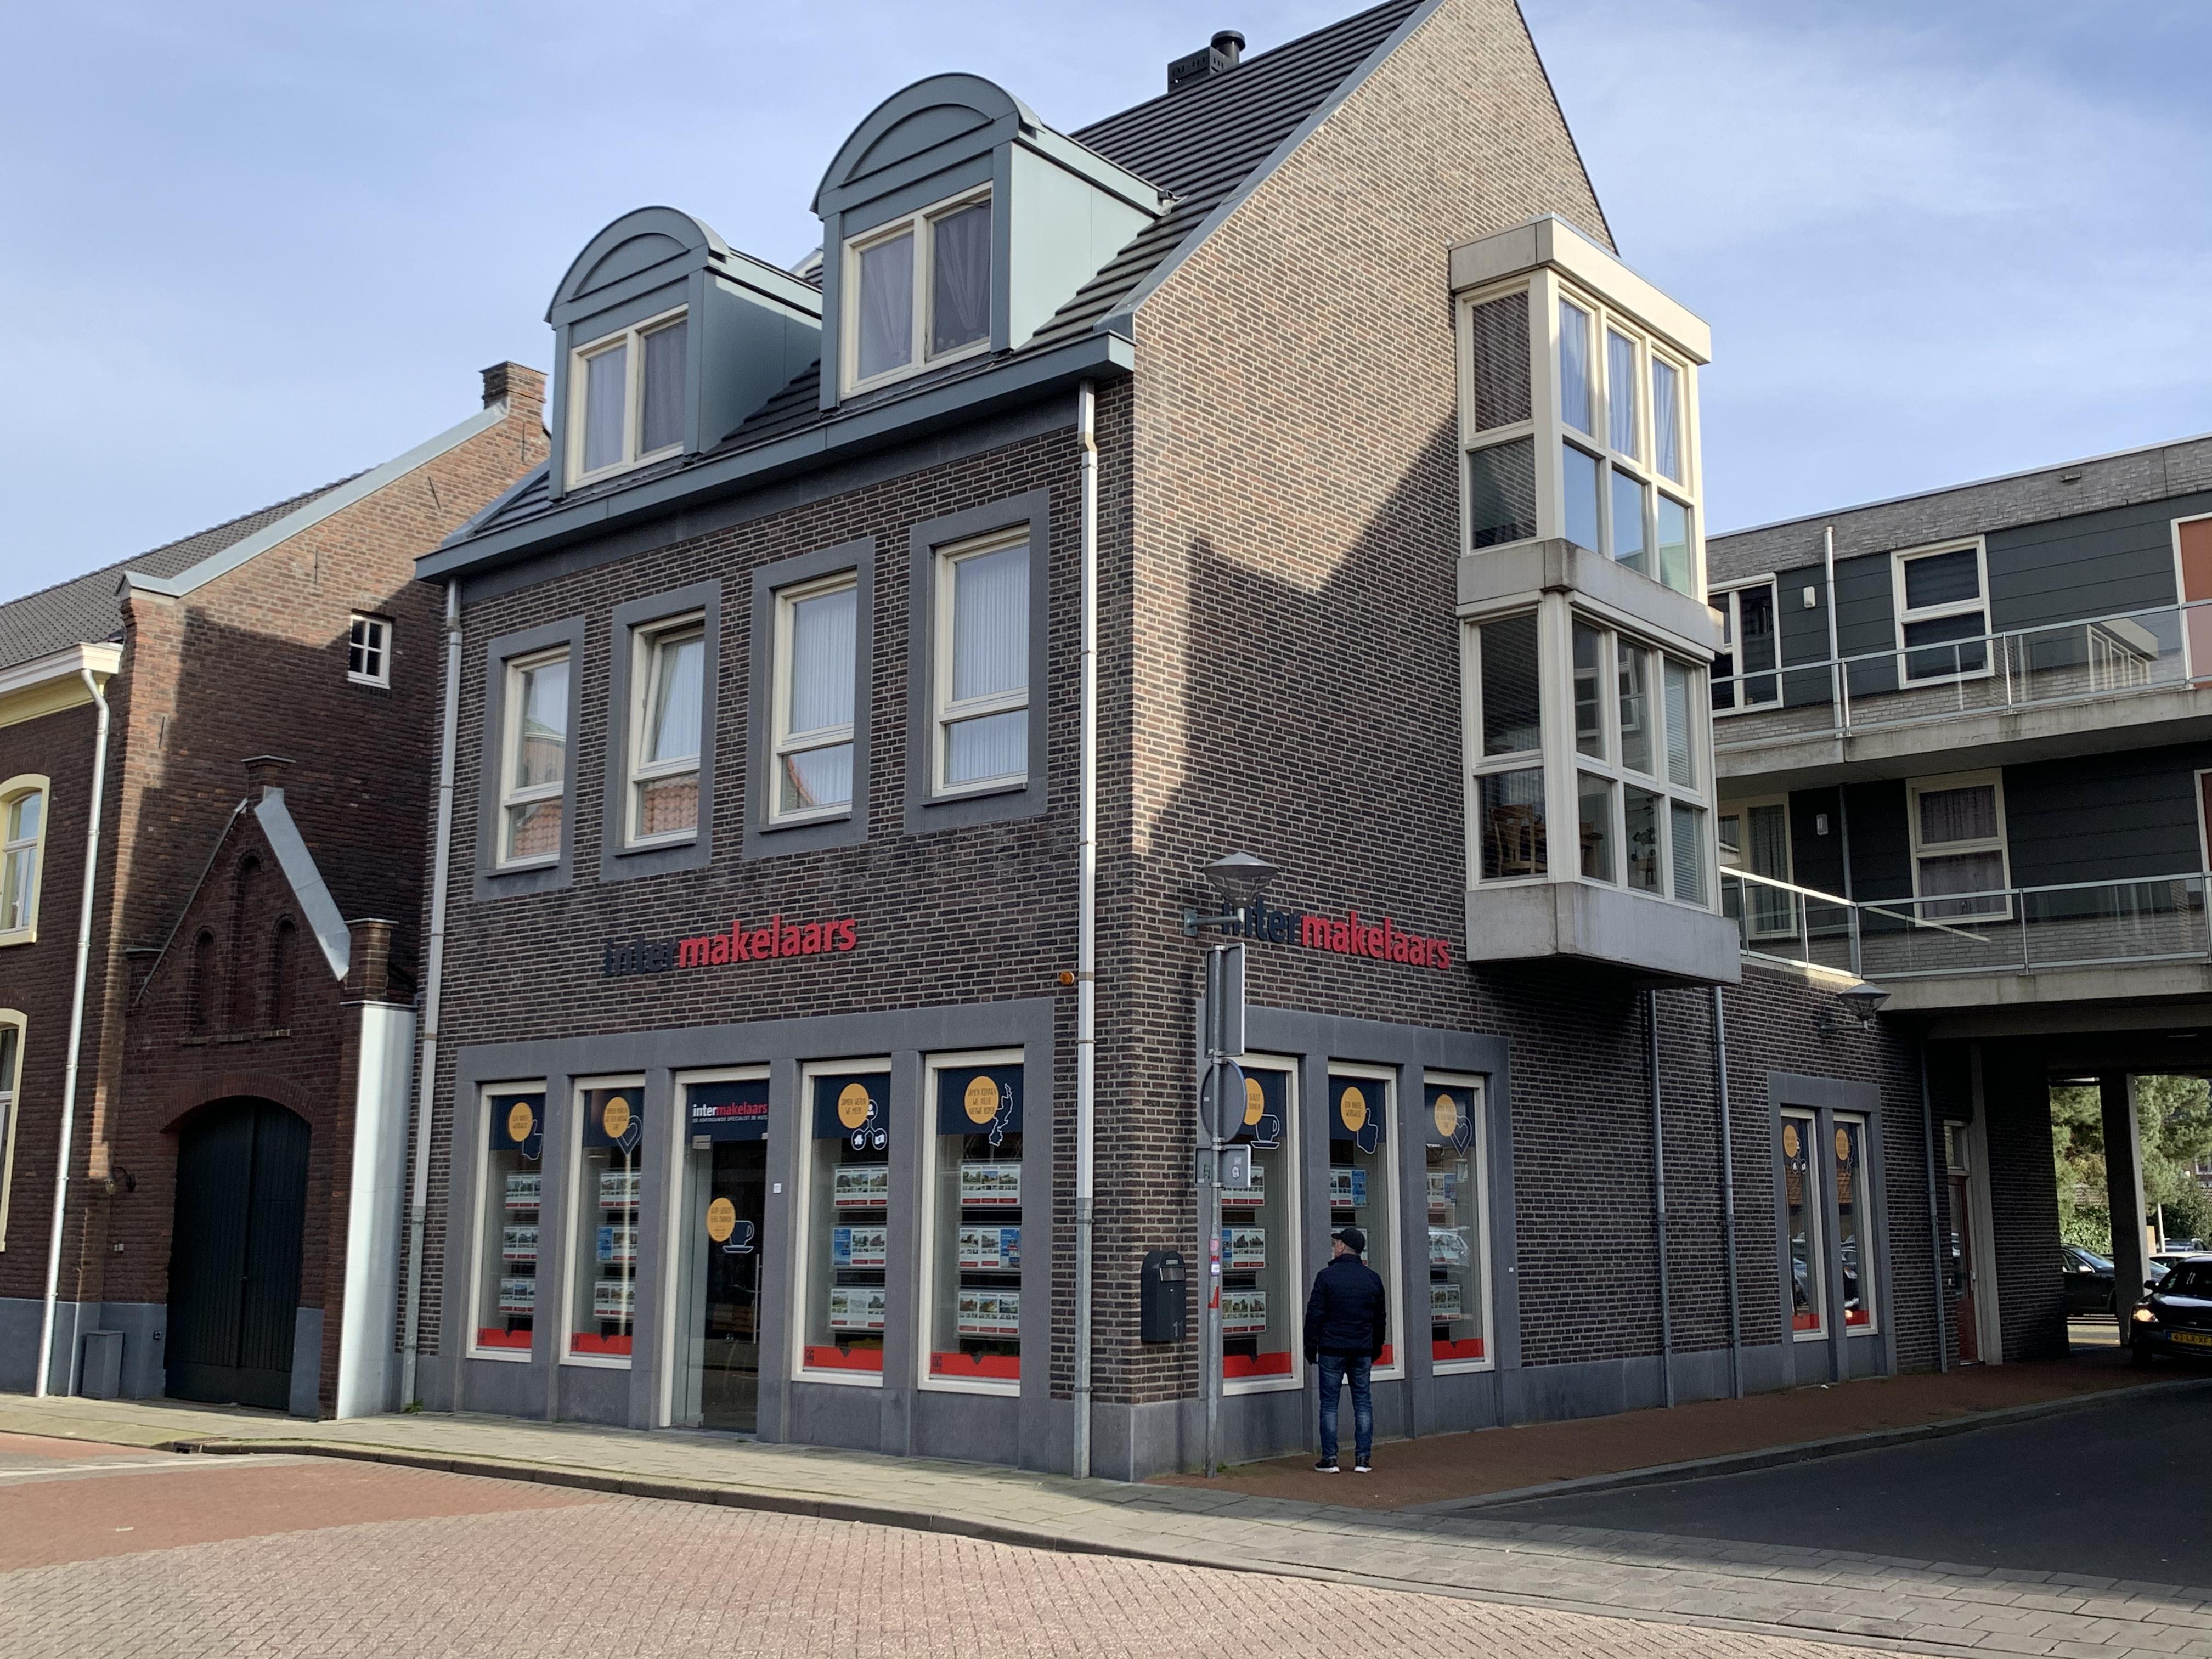 Kantoor Vestiging InterMakelaars B.V. Horst-Venray